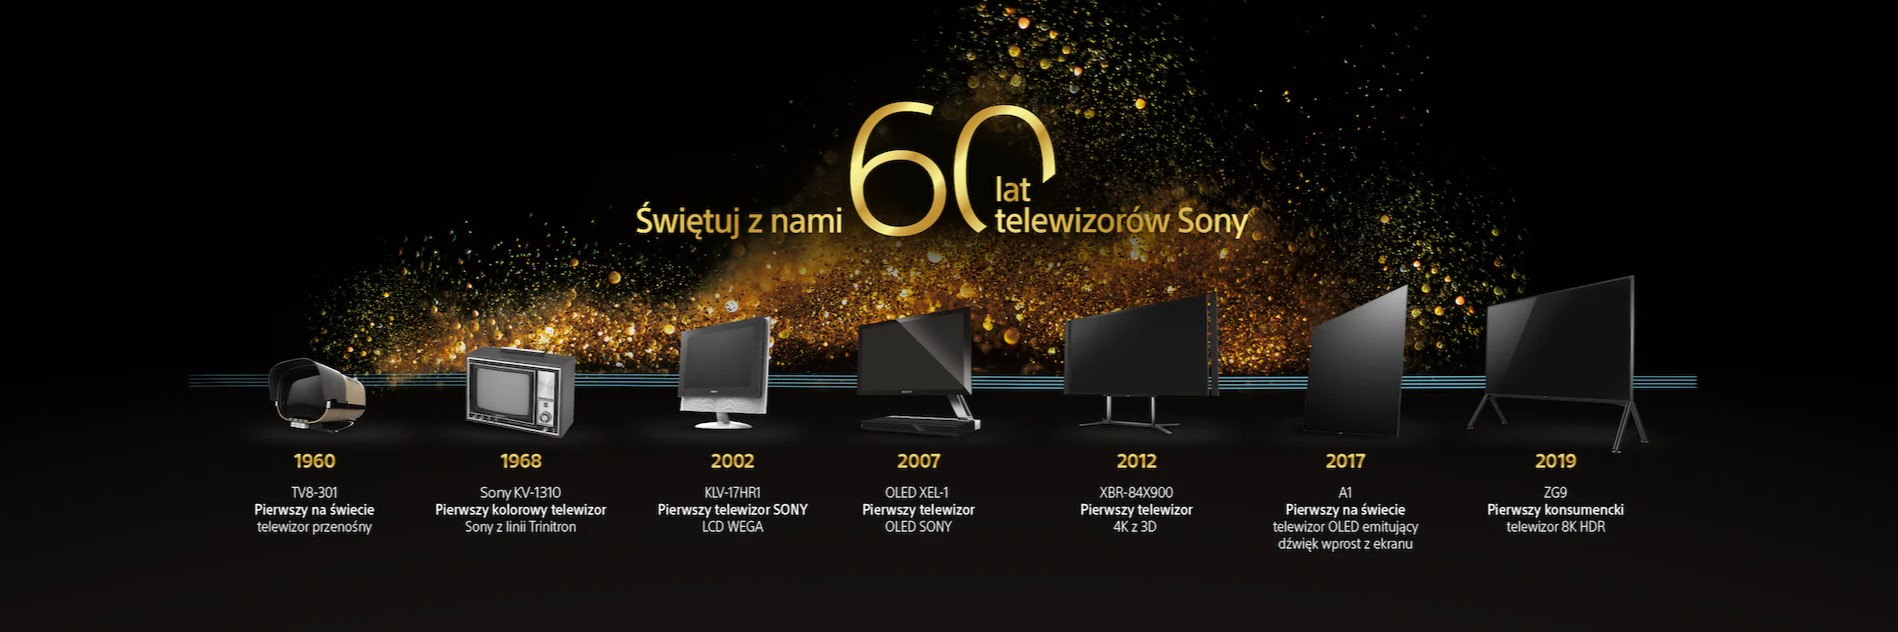 Sony 60 lat telewizorów